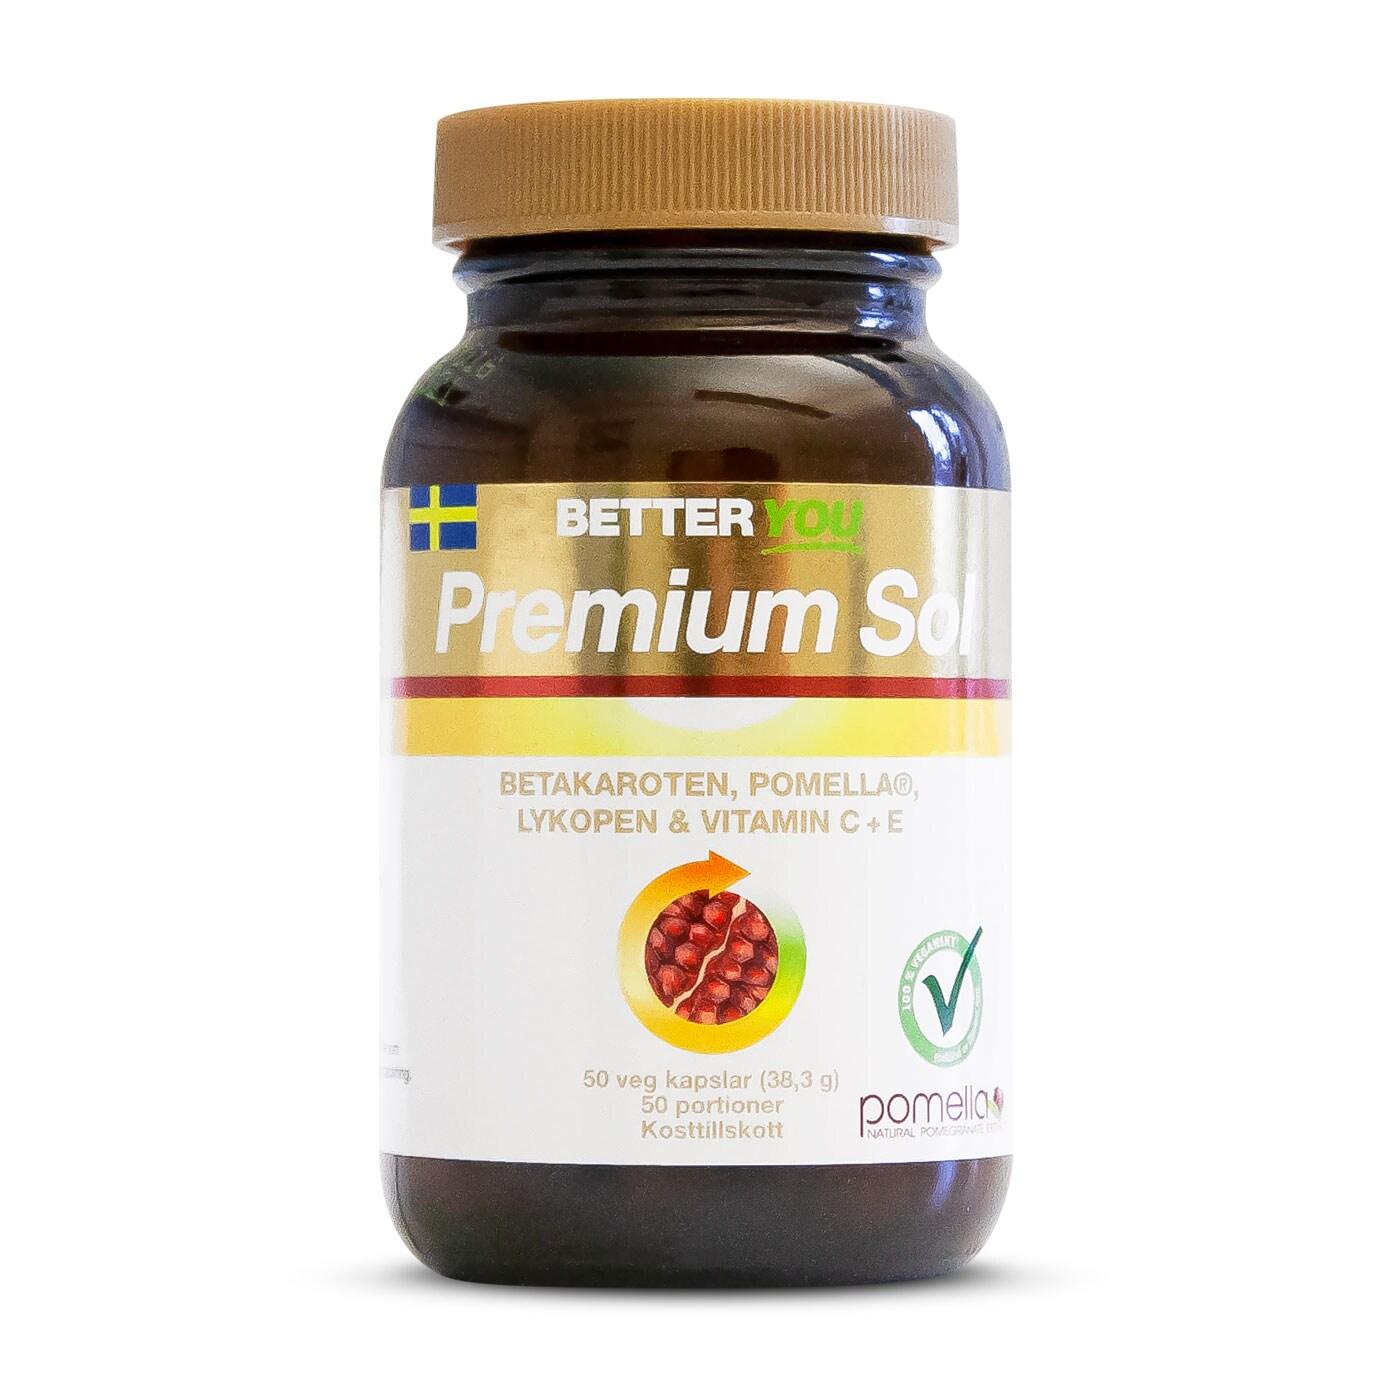 Premium Sol